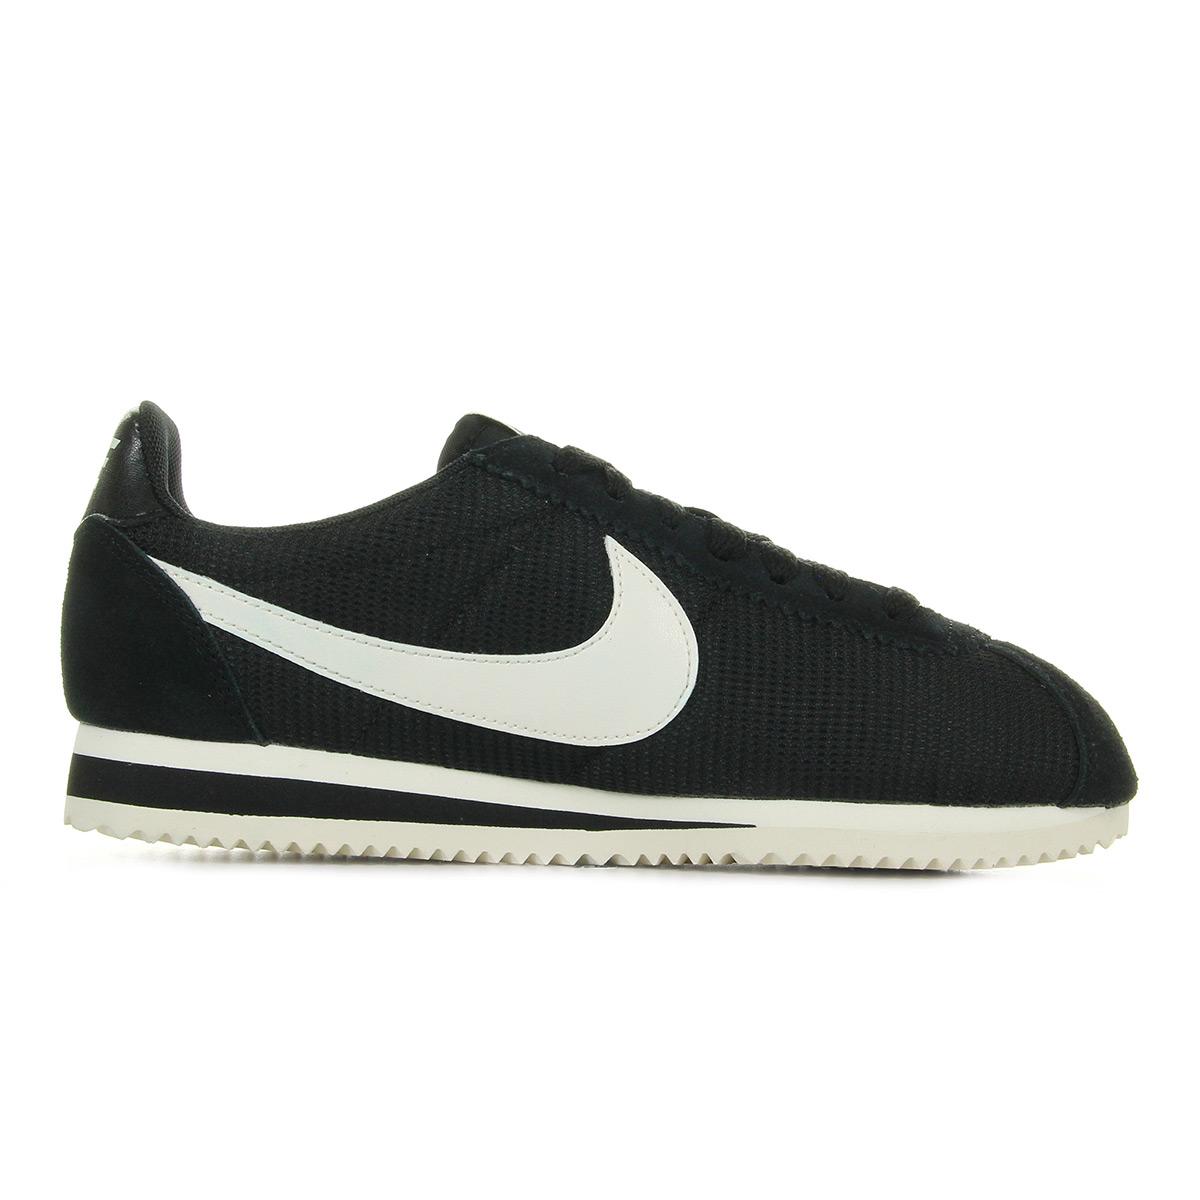 Nike Wmns Classic Cortez Nylon 749864006, Baskets mode femme